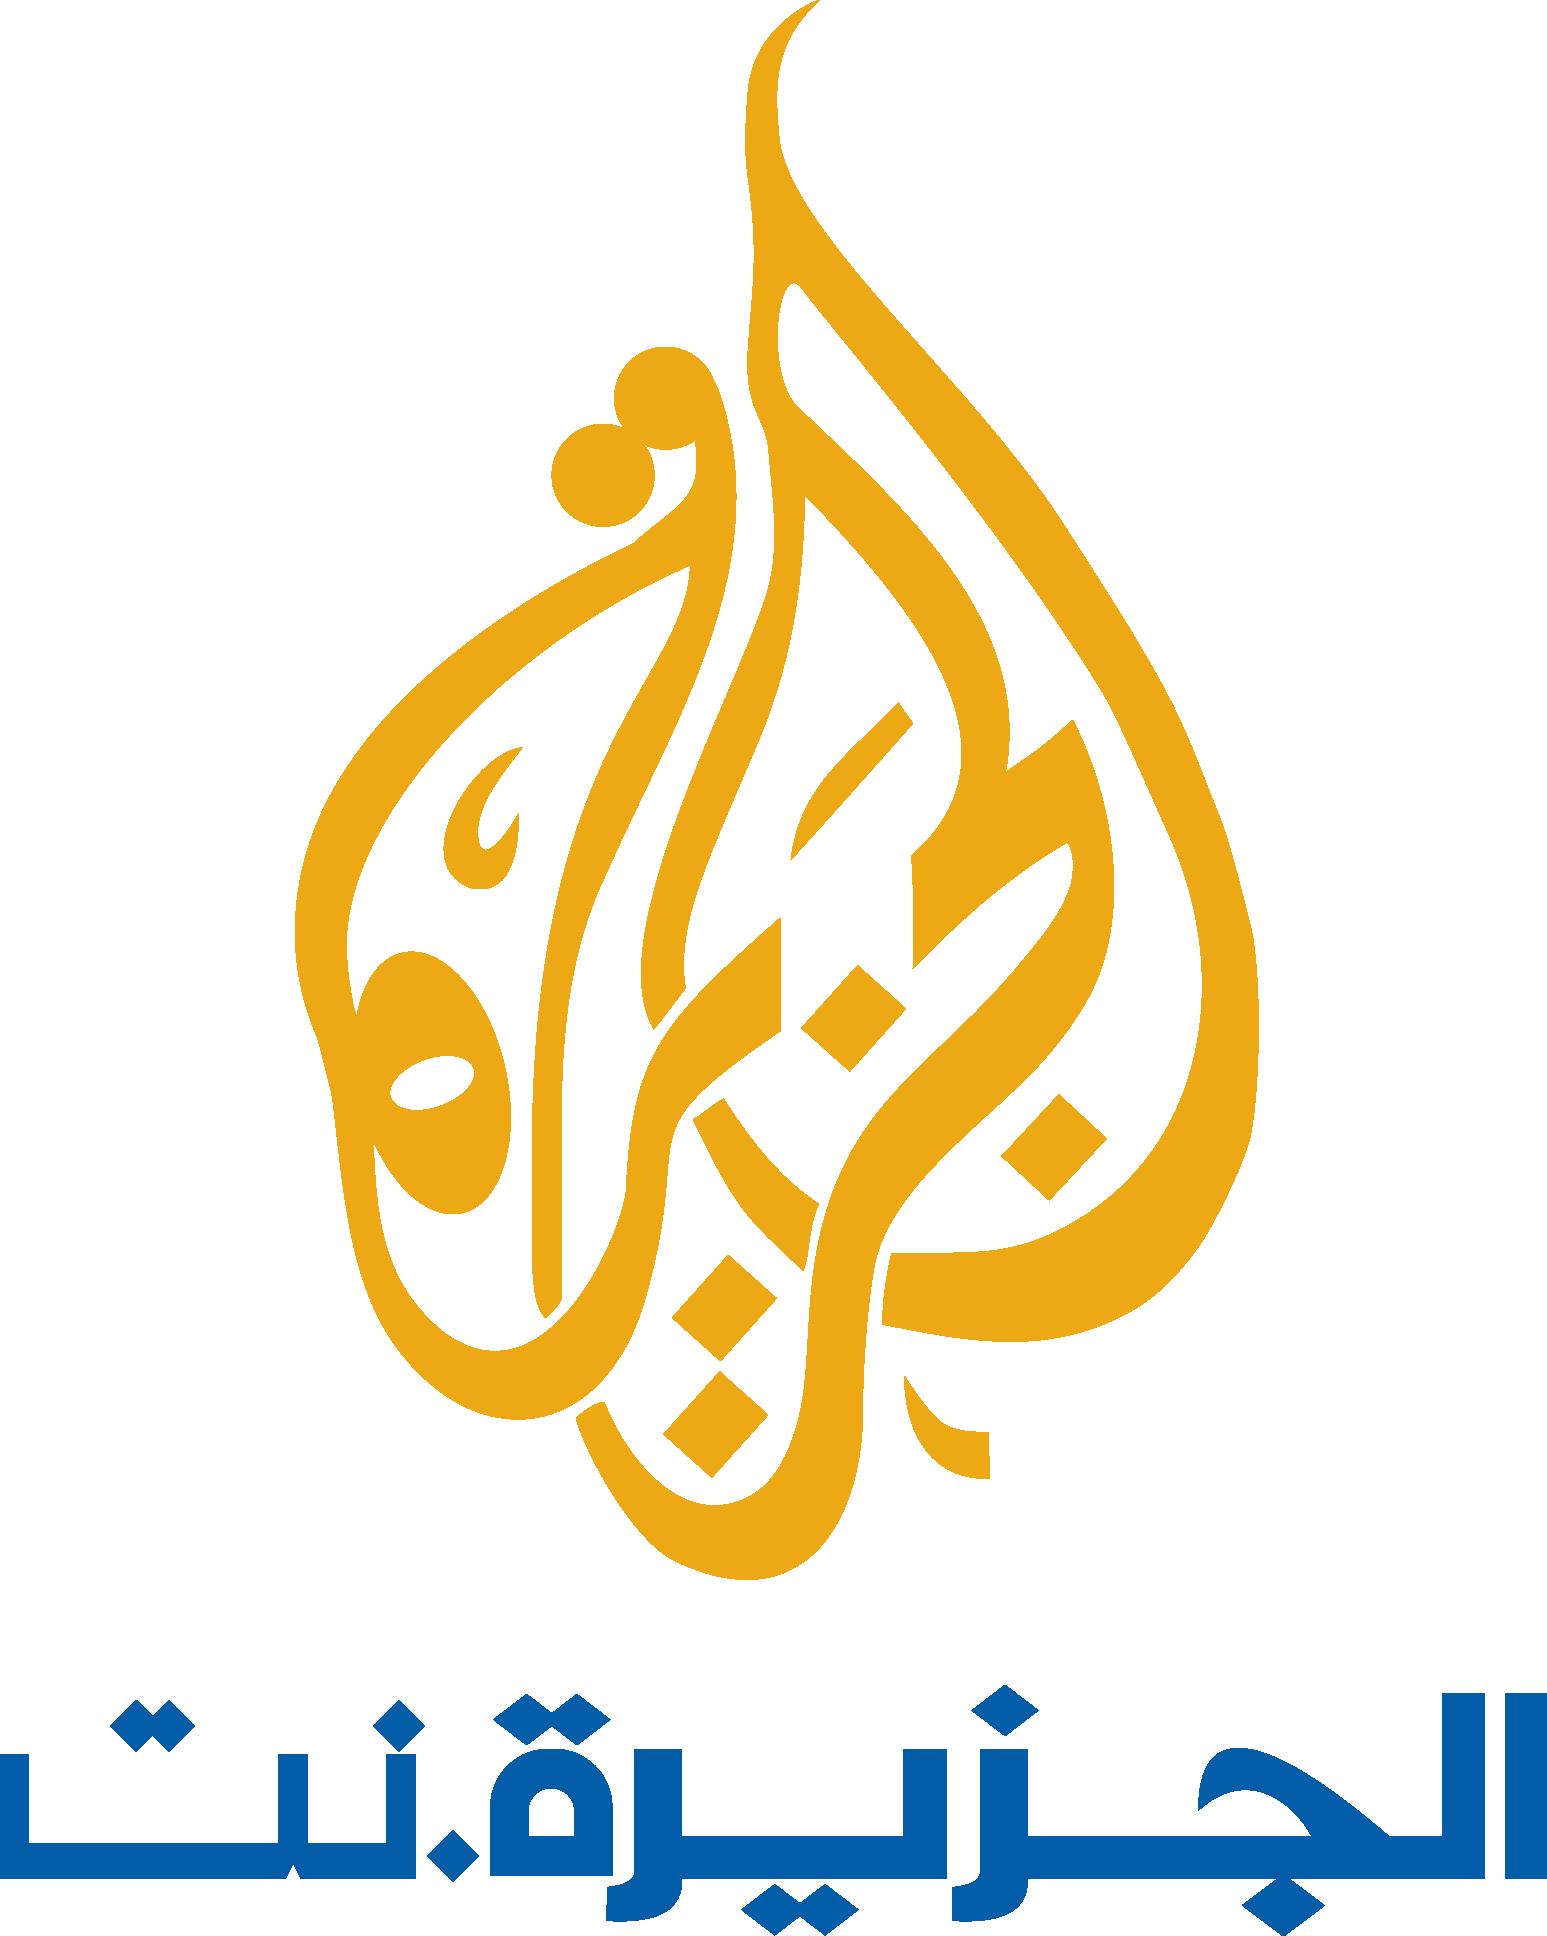 Al Jazeera Vector PNG